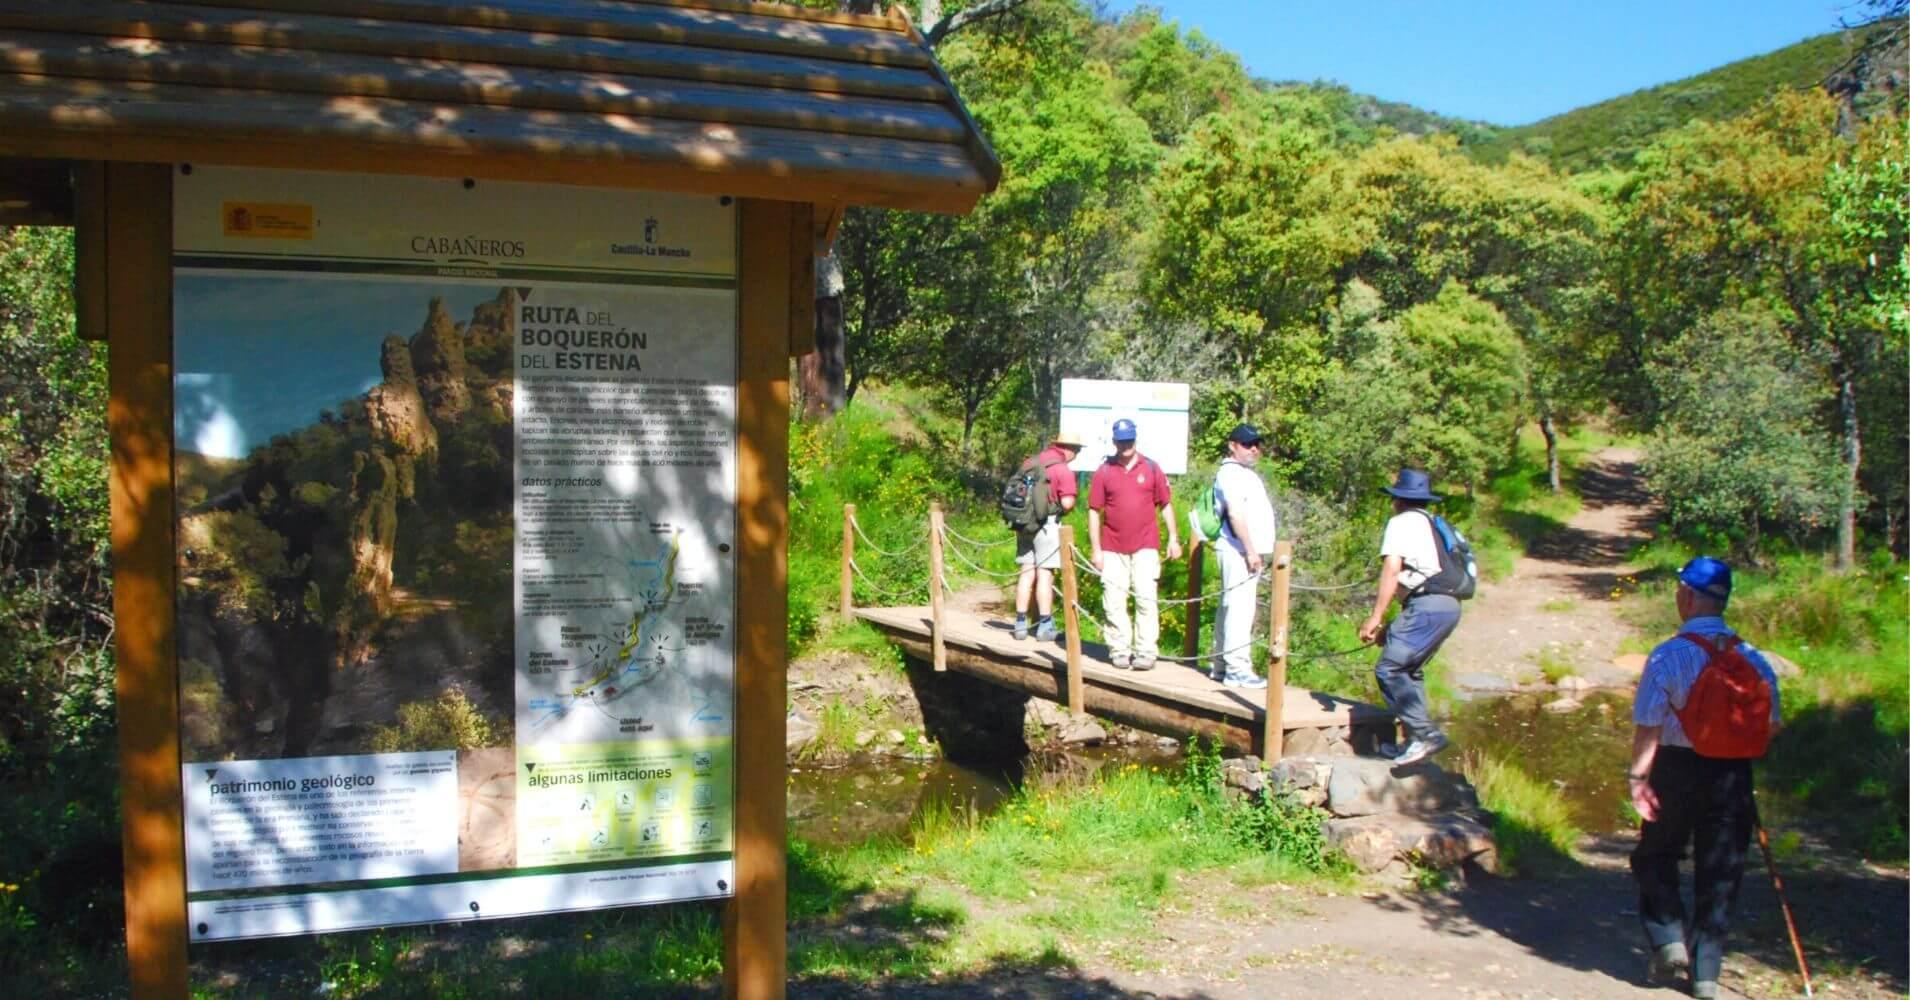 Ruta Senderismo en el Parque Nacional de Cabañeros. Castilla la Mancha.